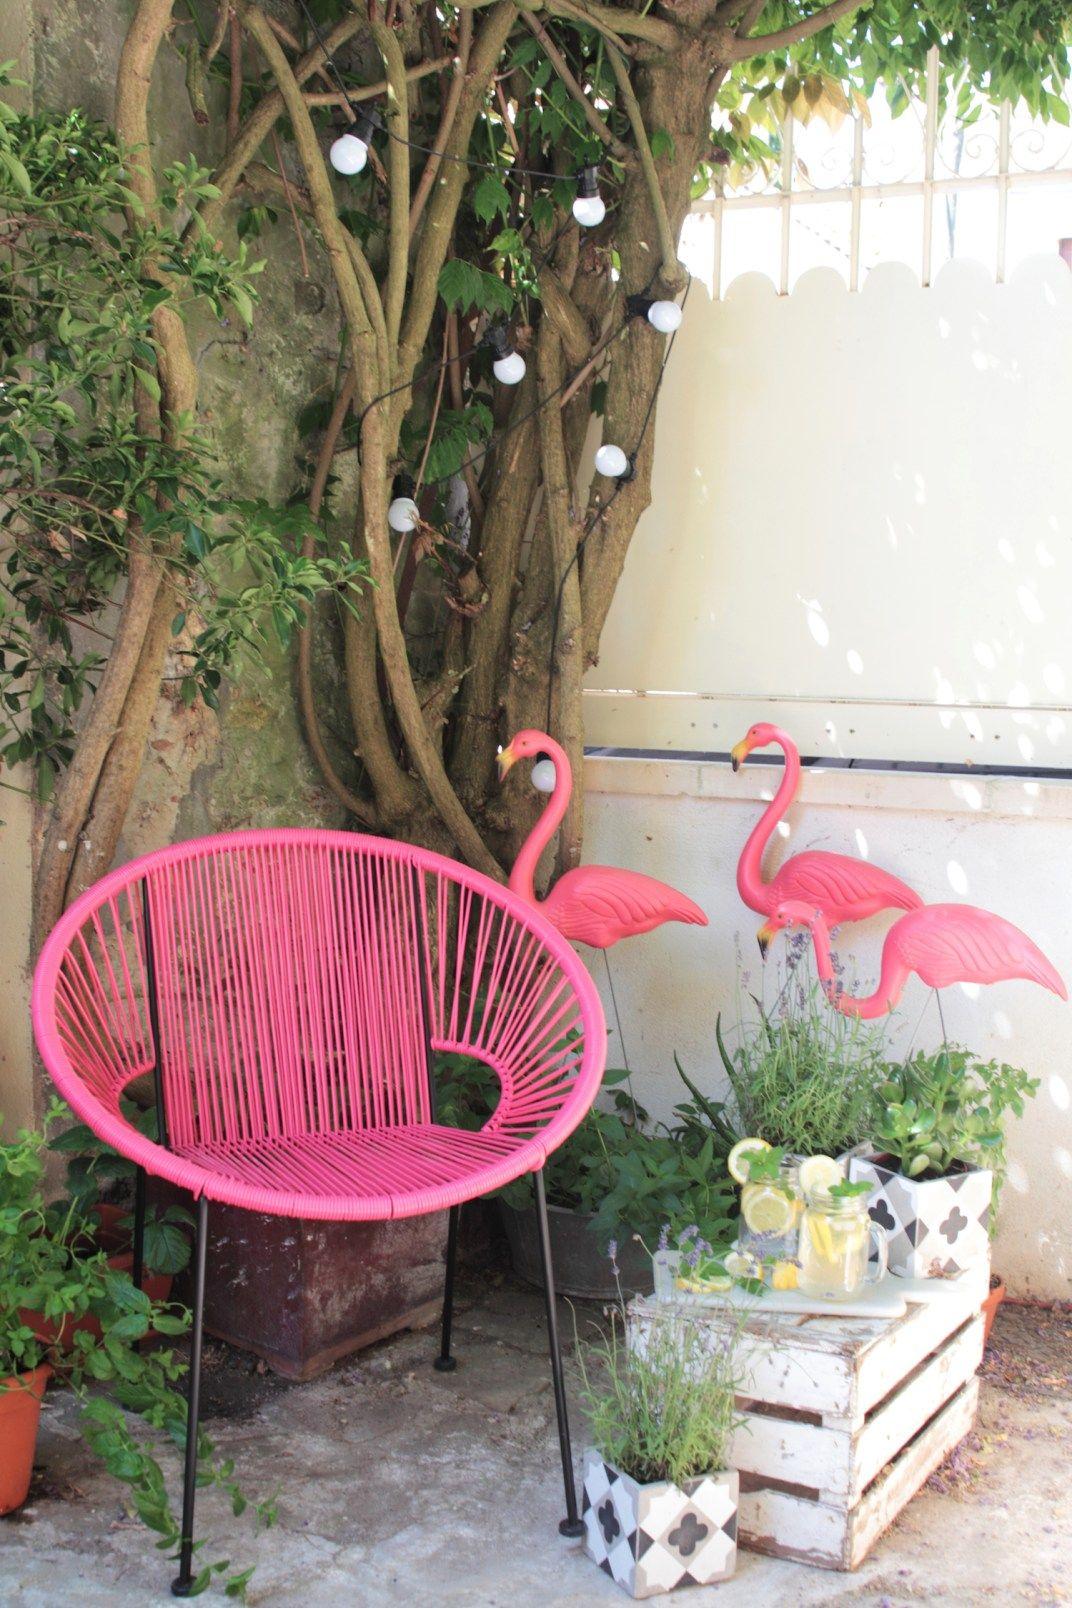 Remportez Un Fauteuil En Fil De Scoubidou Deco Flamant Rose Deco Jardin Deco Exterieure